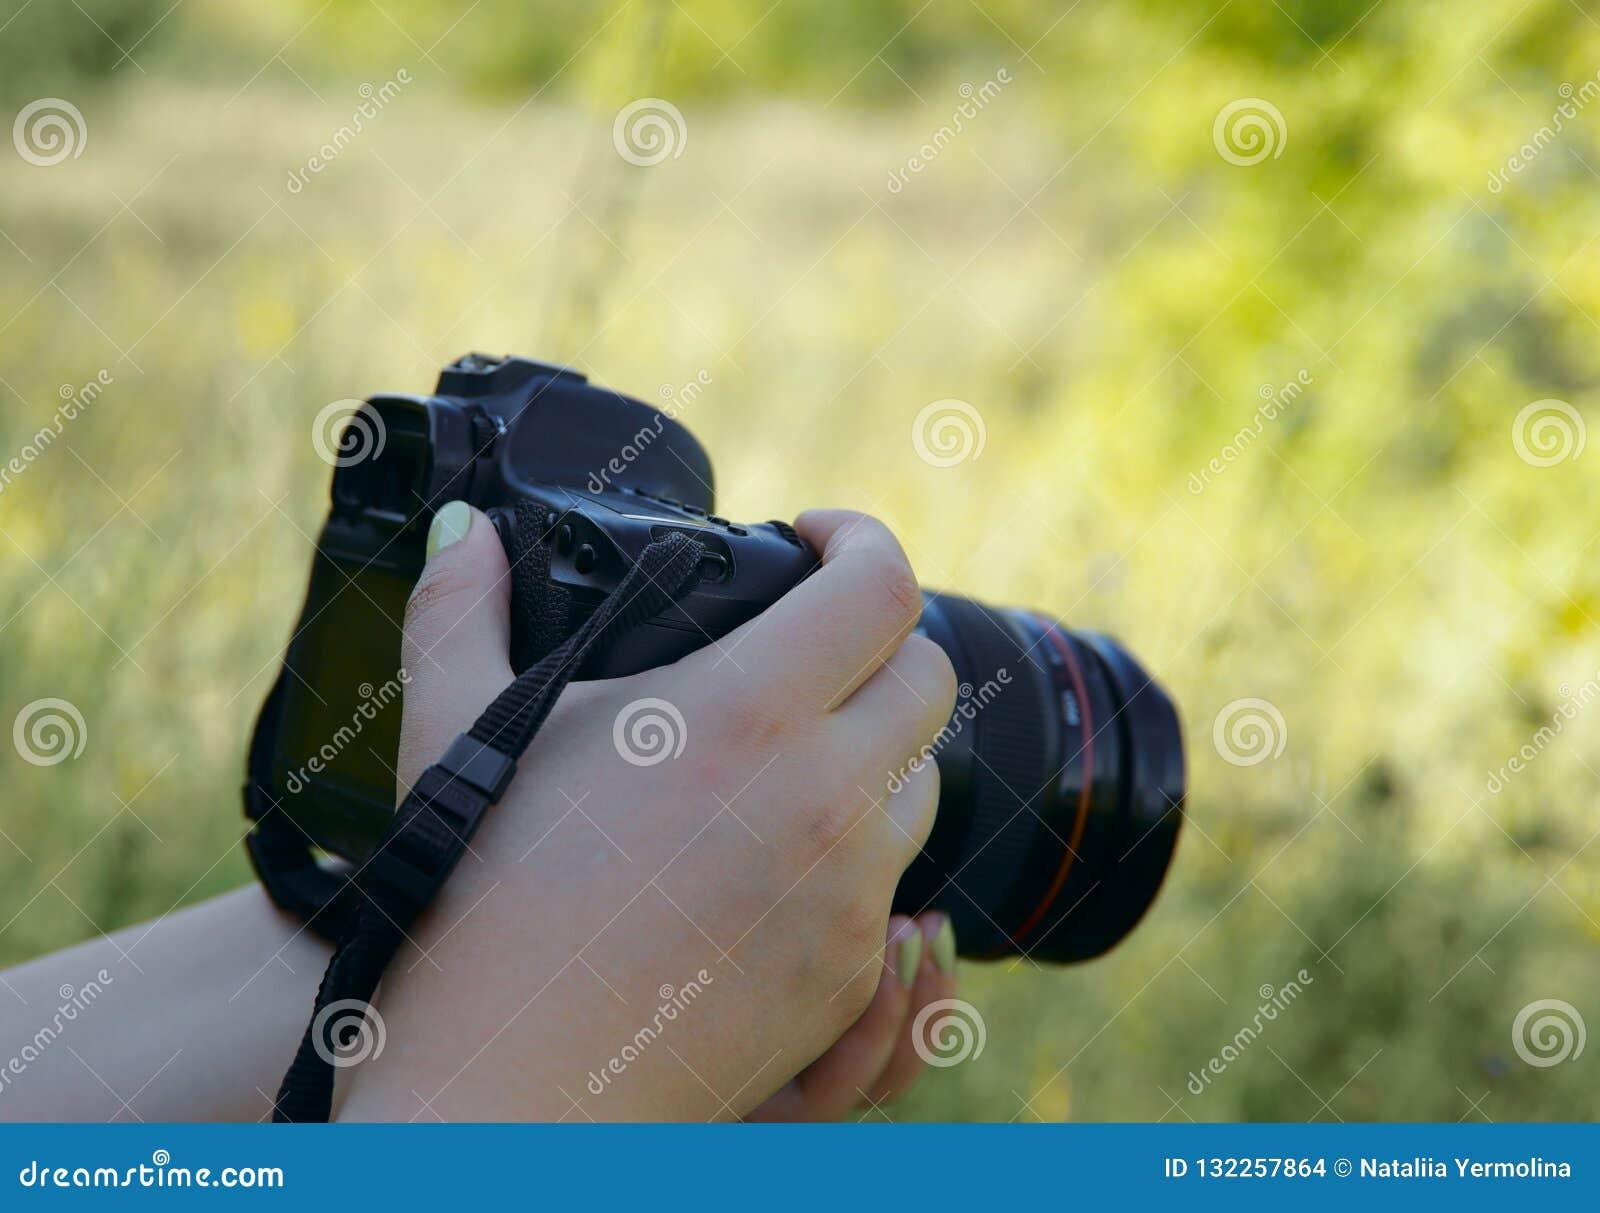 Bild von weiblichen Händen mit einer Kamera